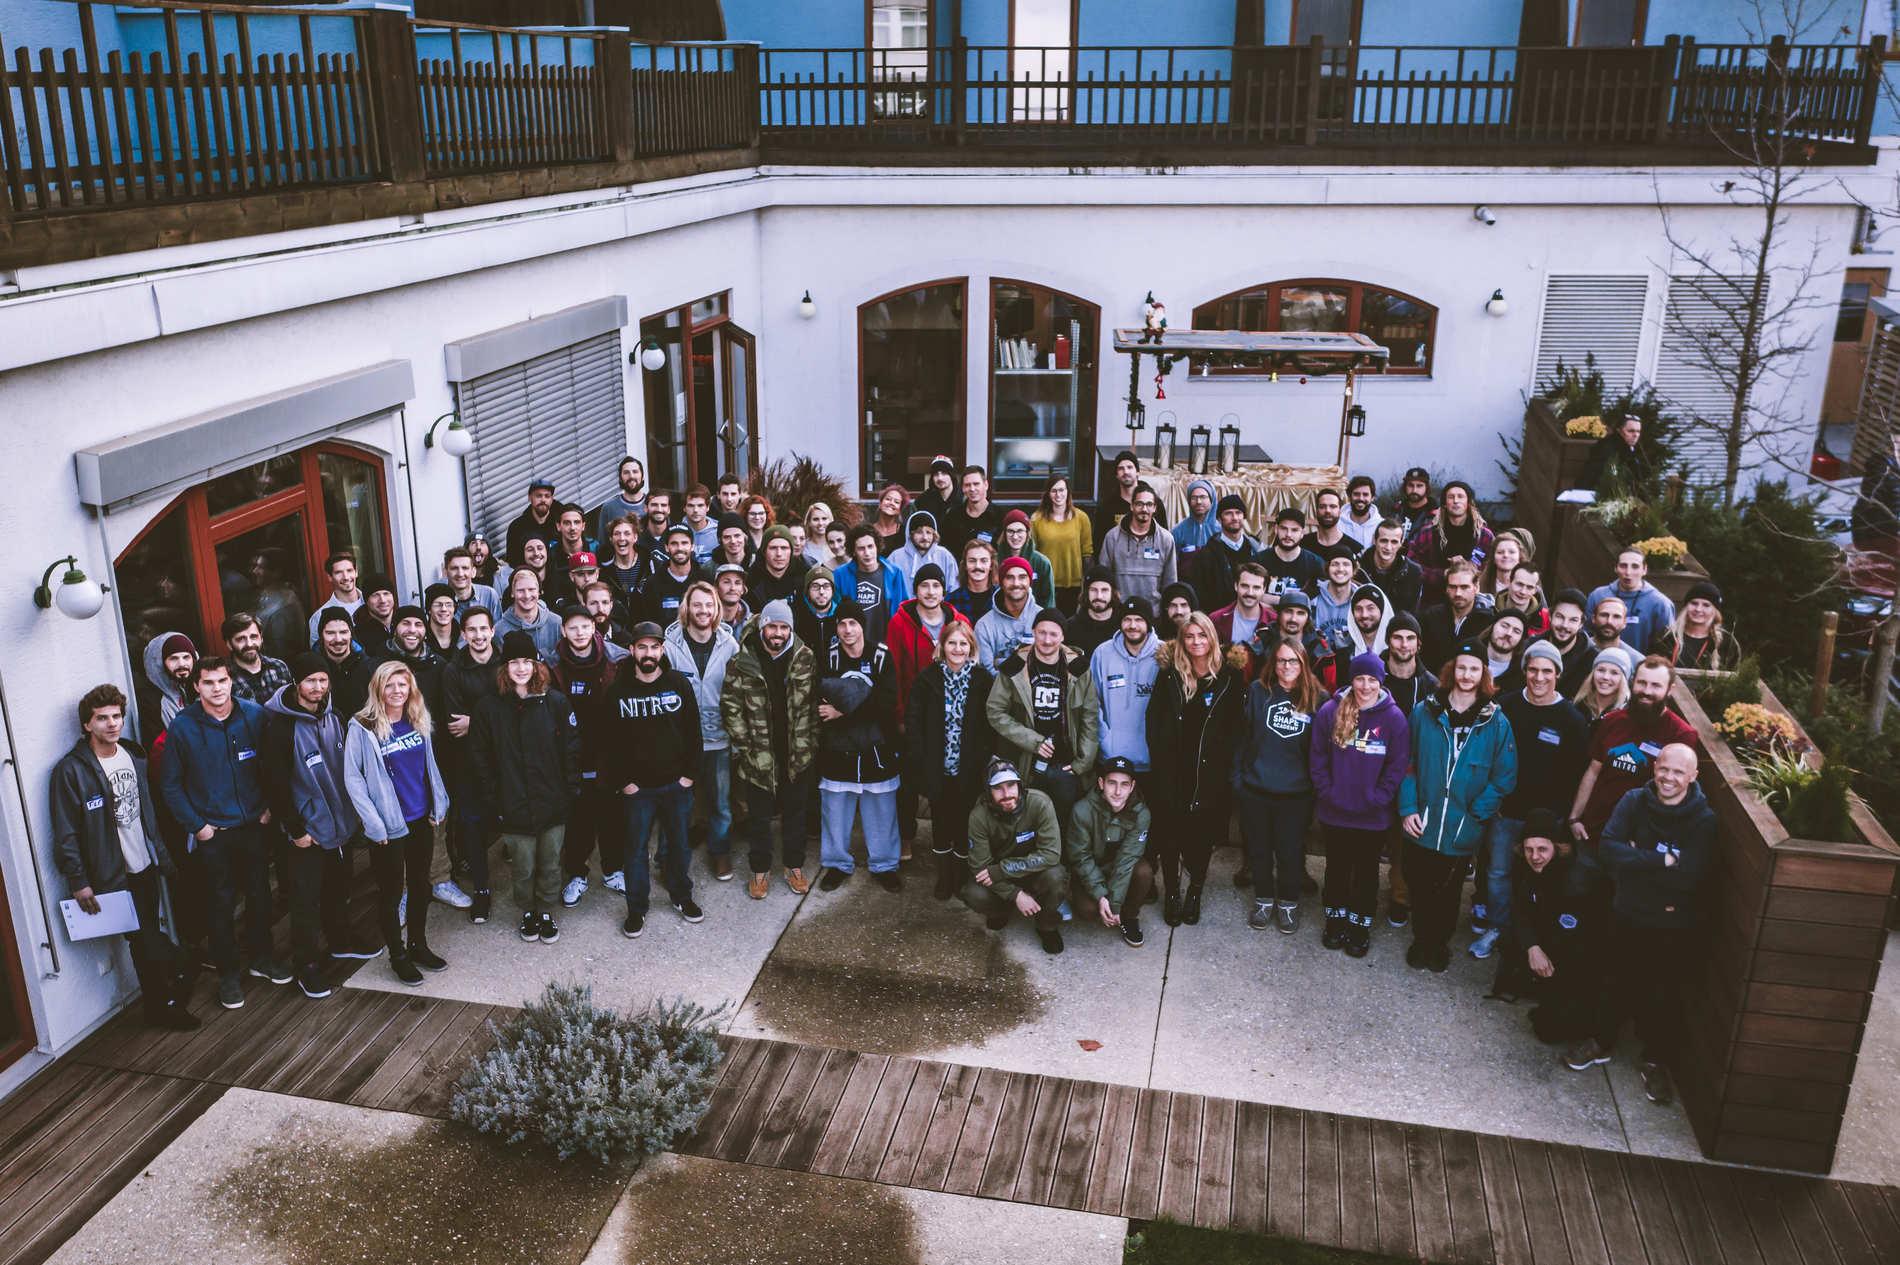 ibk meeting groupshot 1